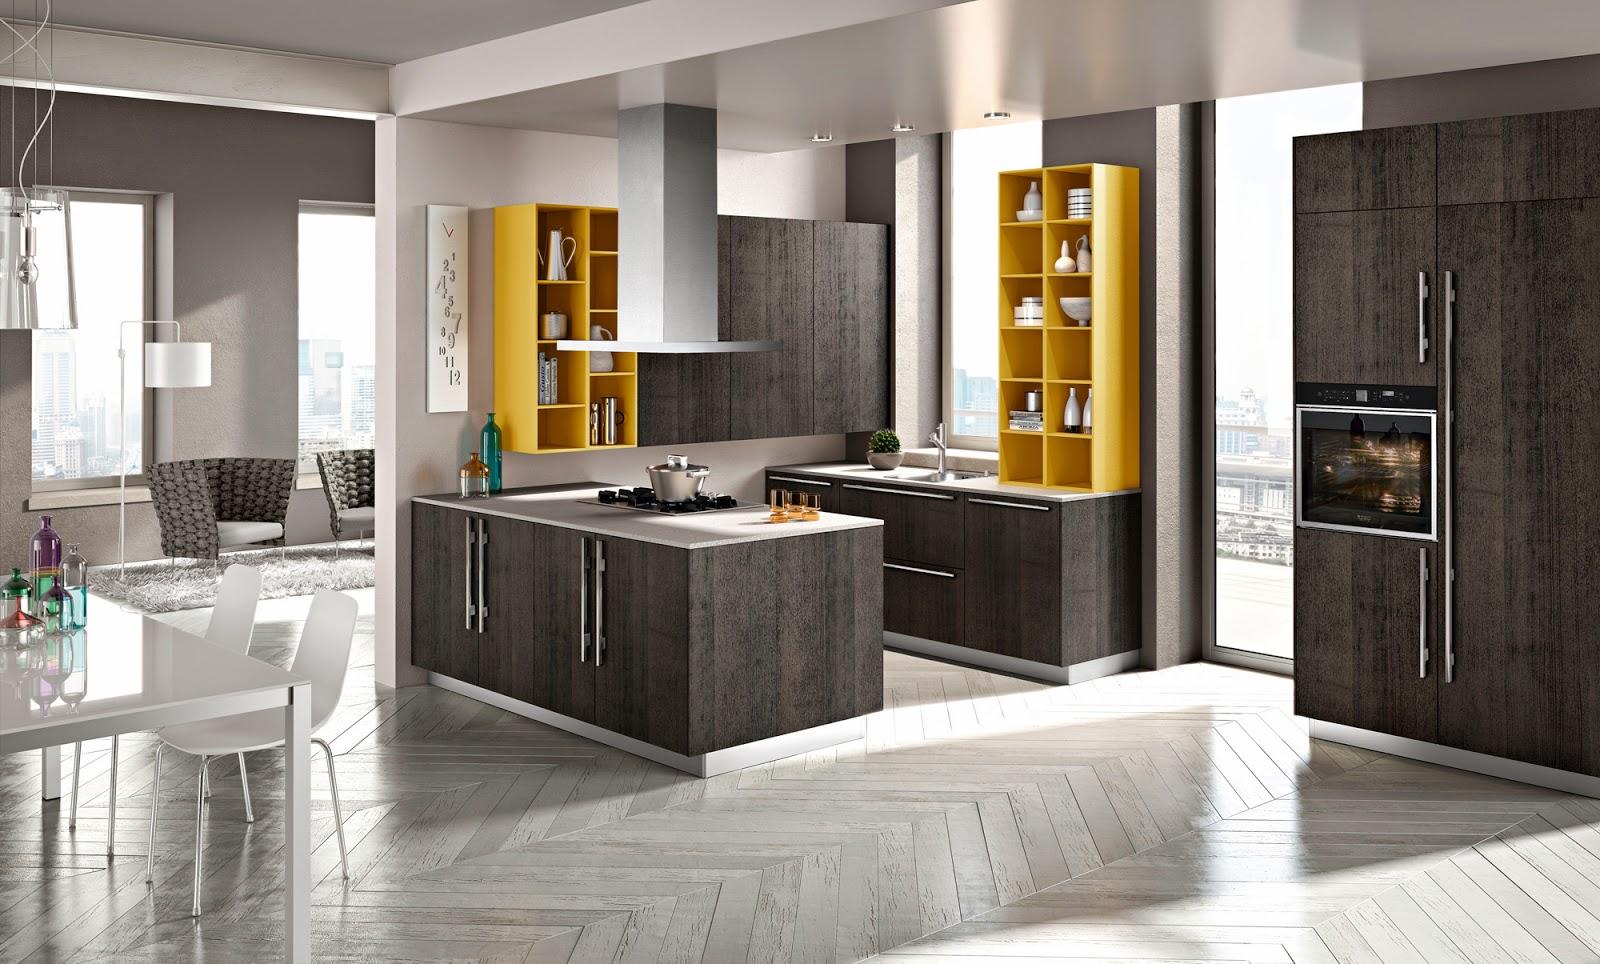 Ante Per Cucina Snaidero | Cucina Snaidero Scontata 7848 Cucine A ...